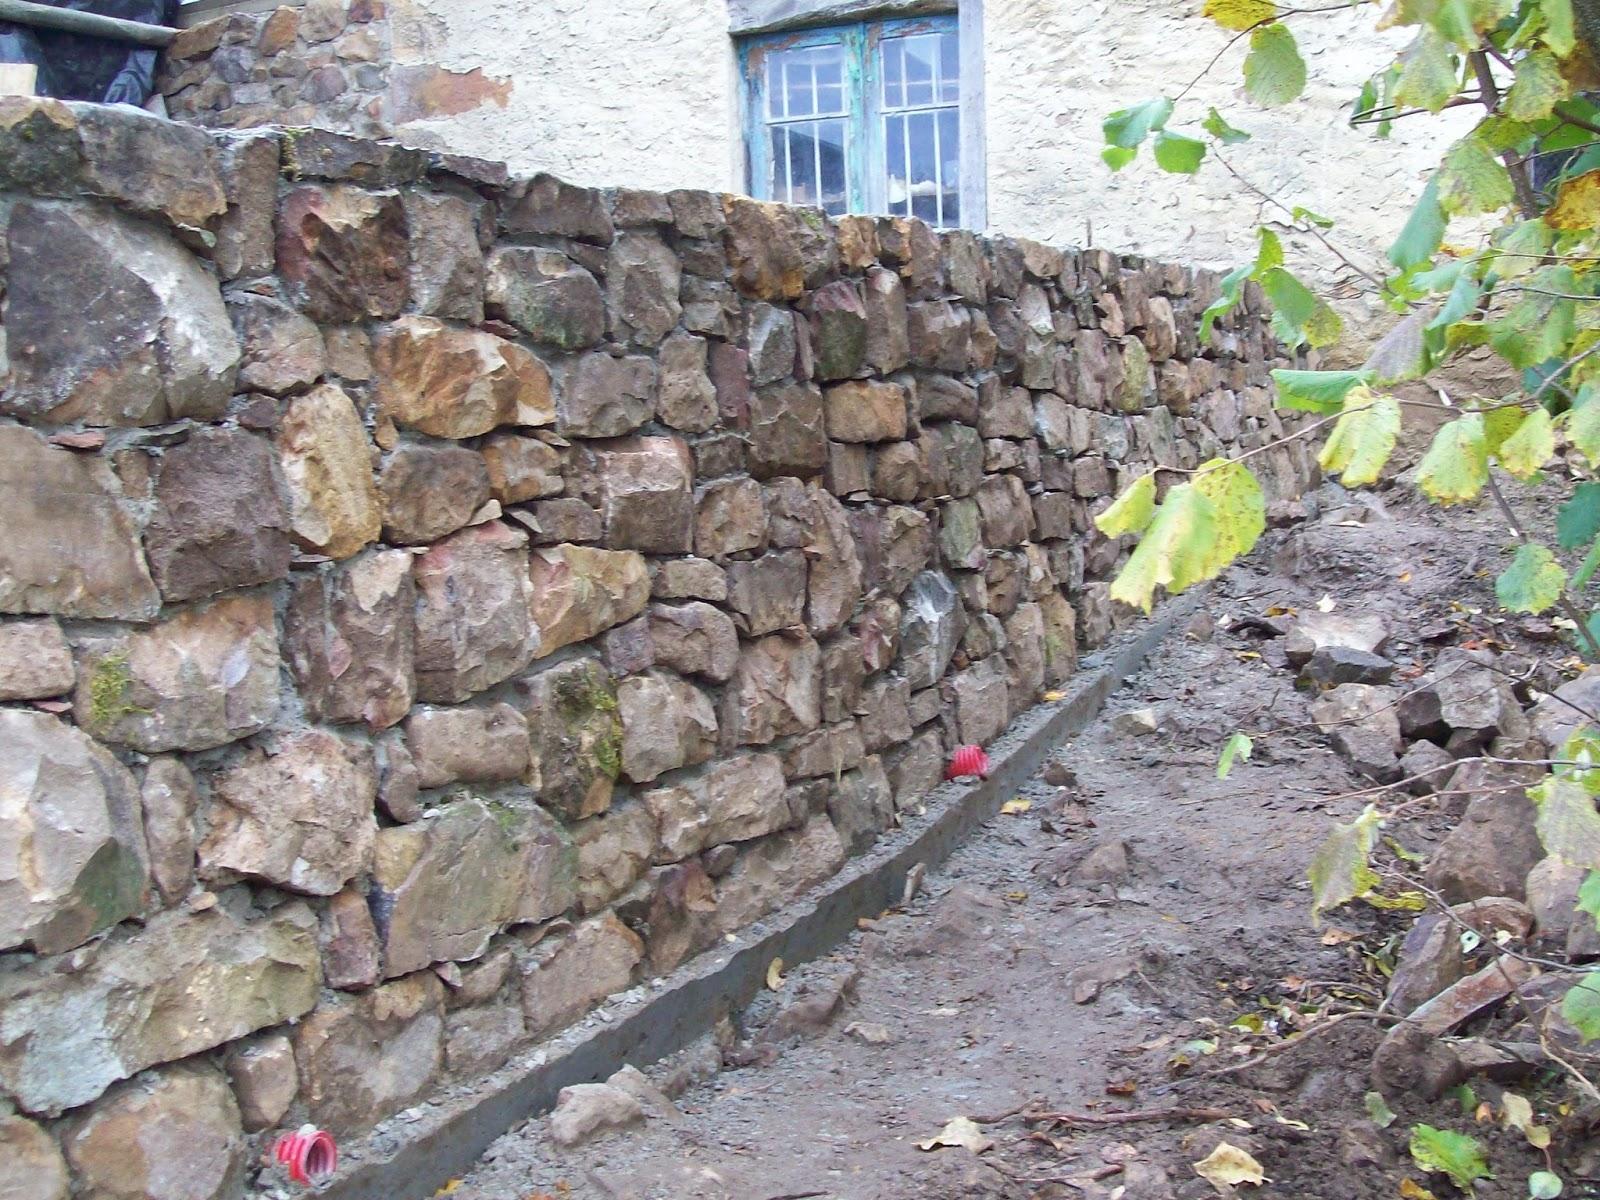 Muros de piedra elegant sin duda muros y paredes - Muros de piedra natural ...